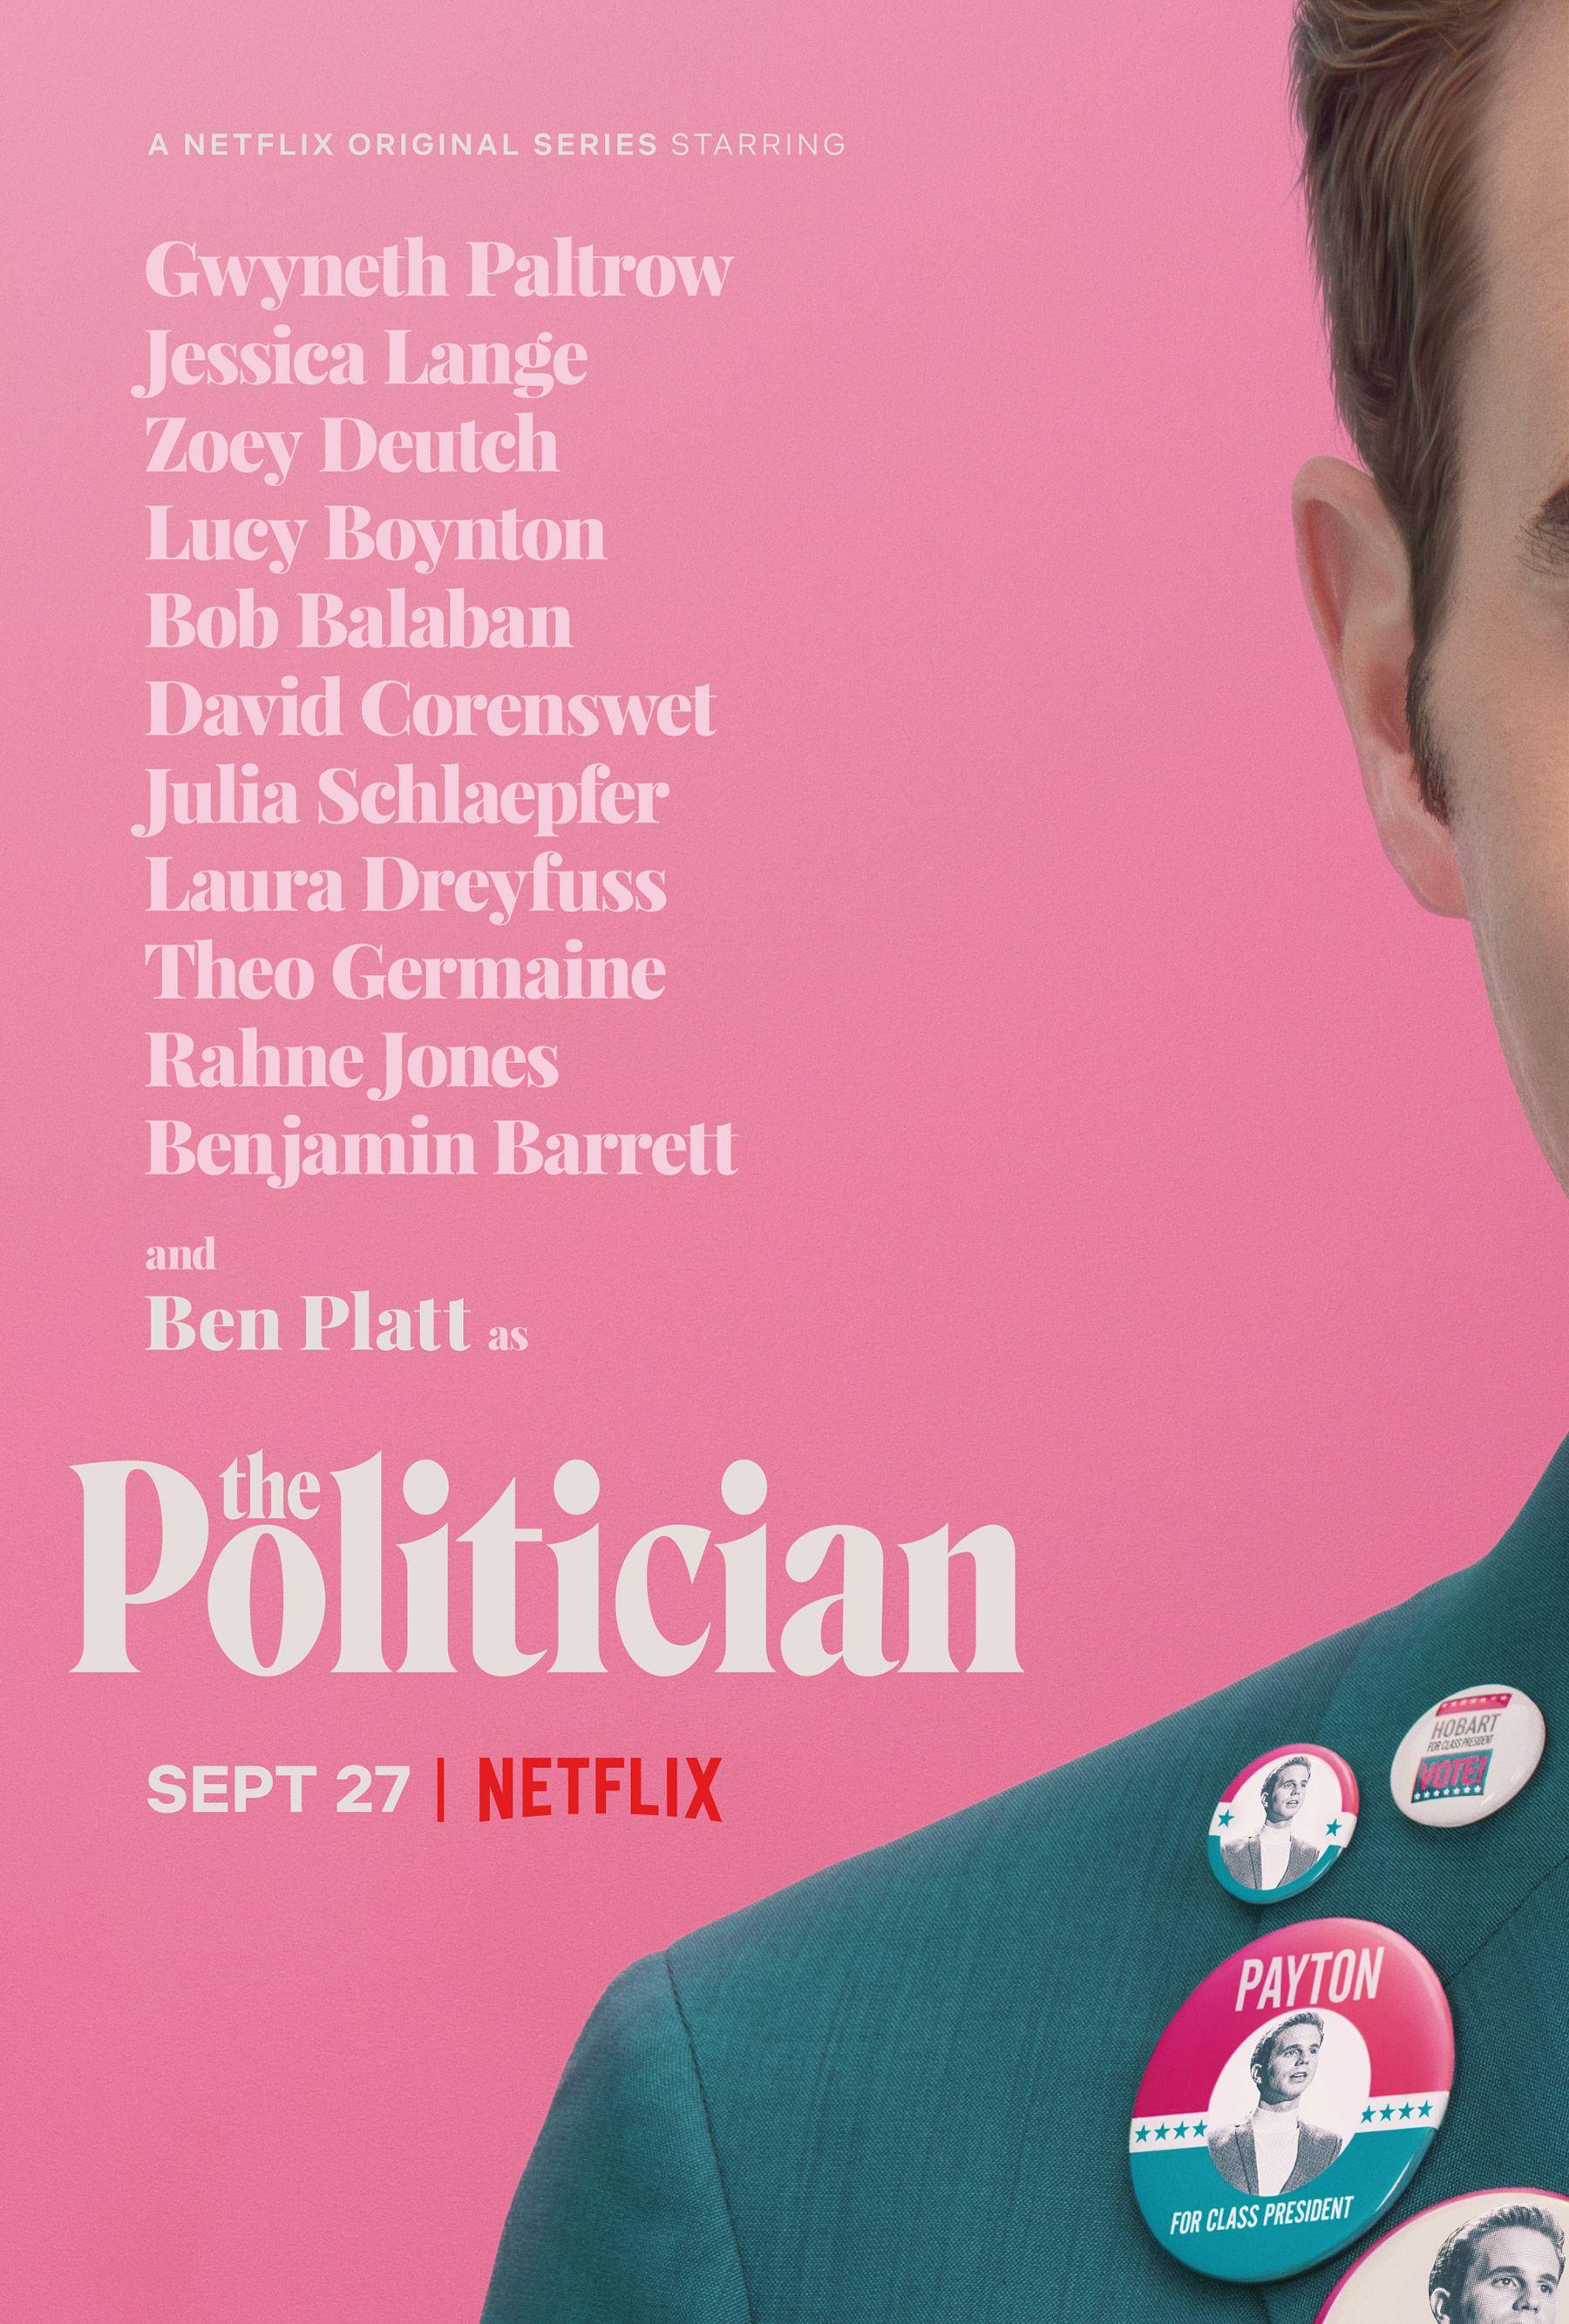 The Politician: serie de Ryan Murphy para Netflix